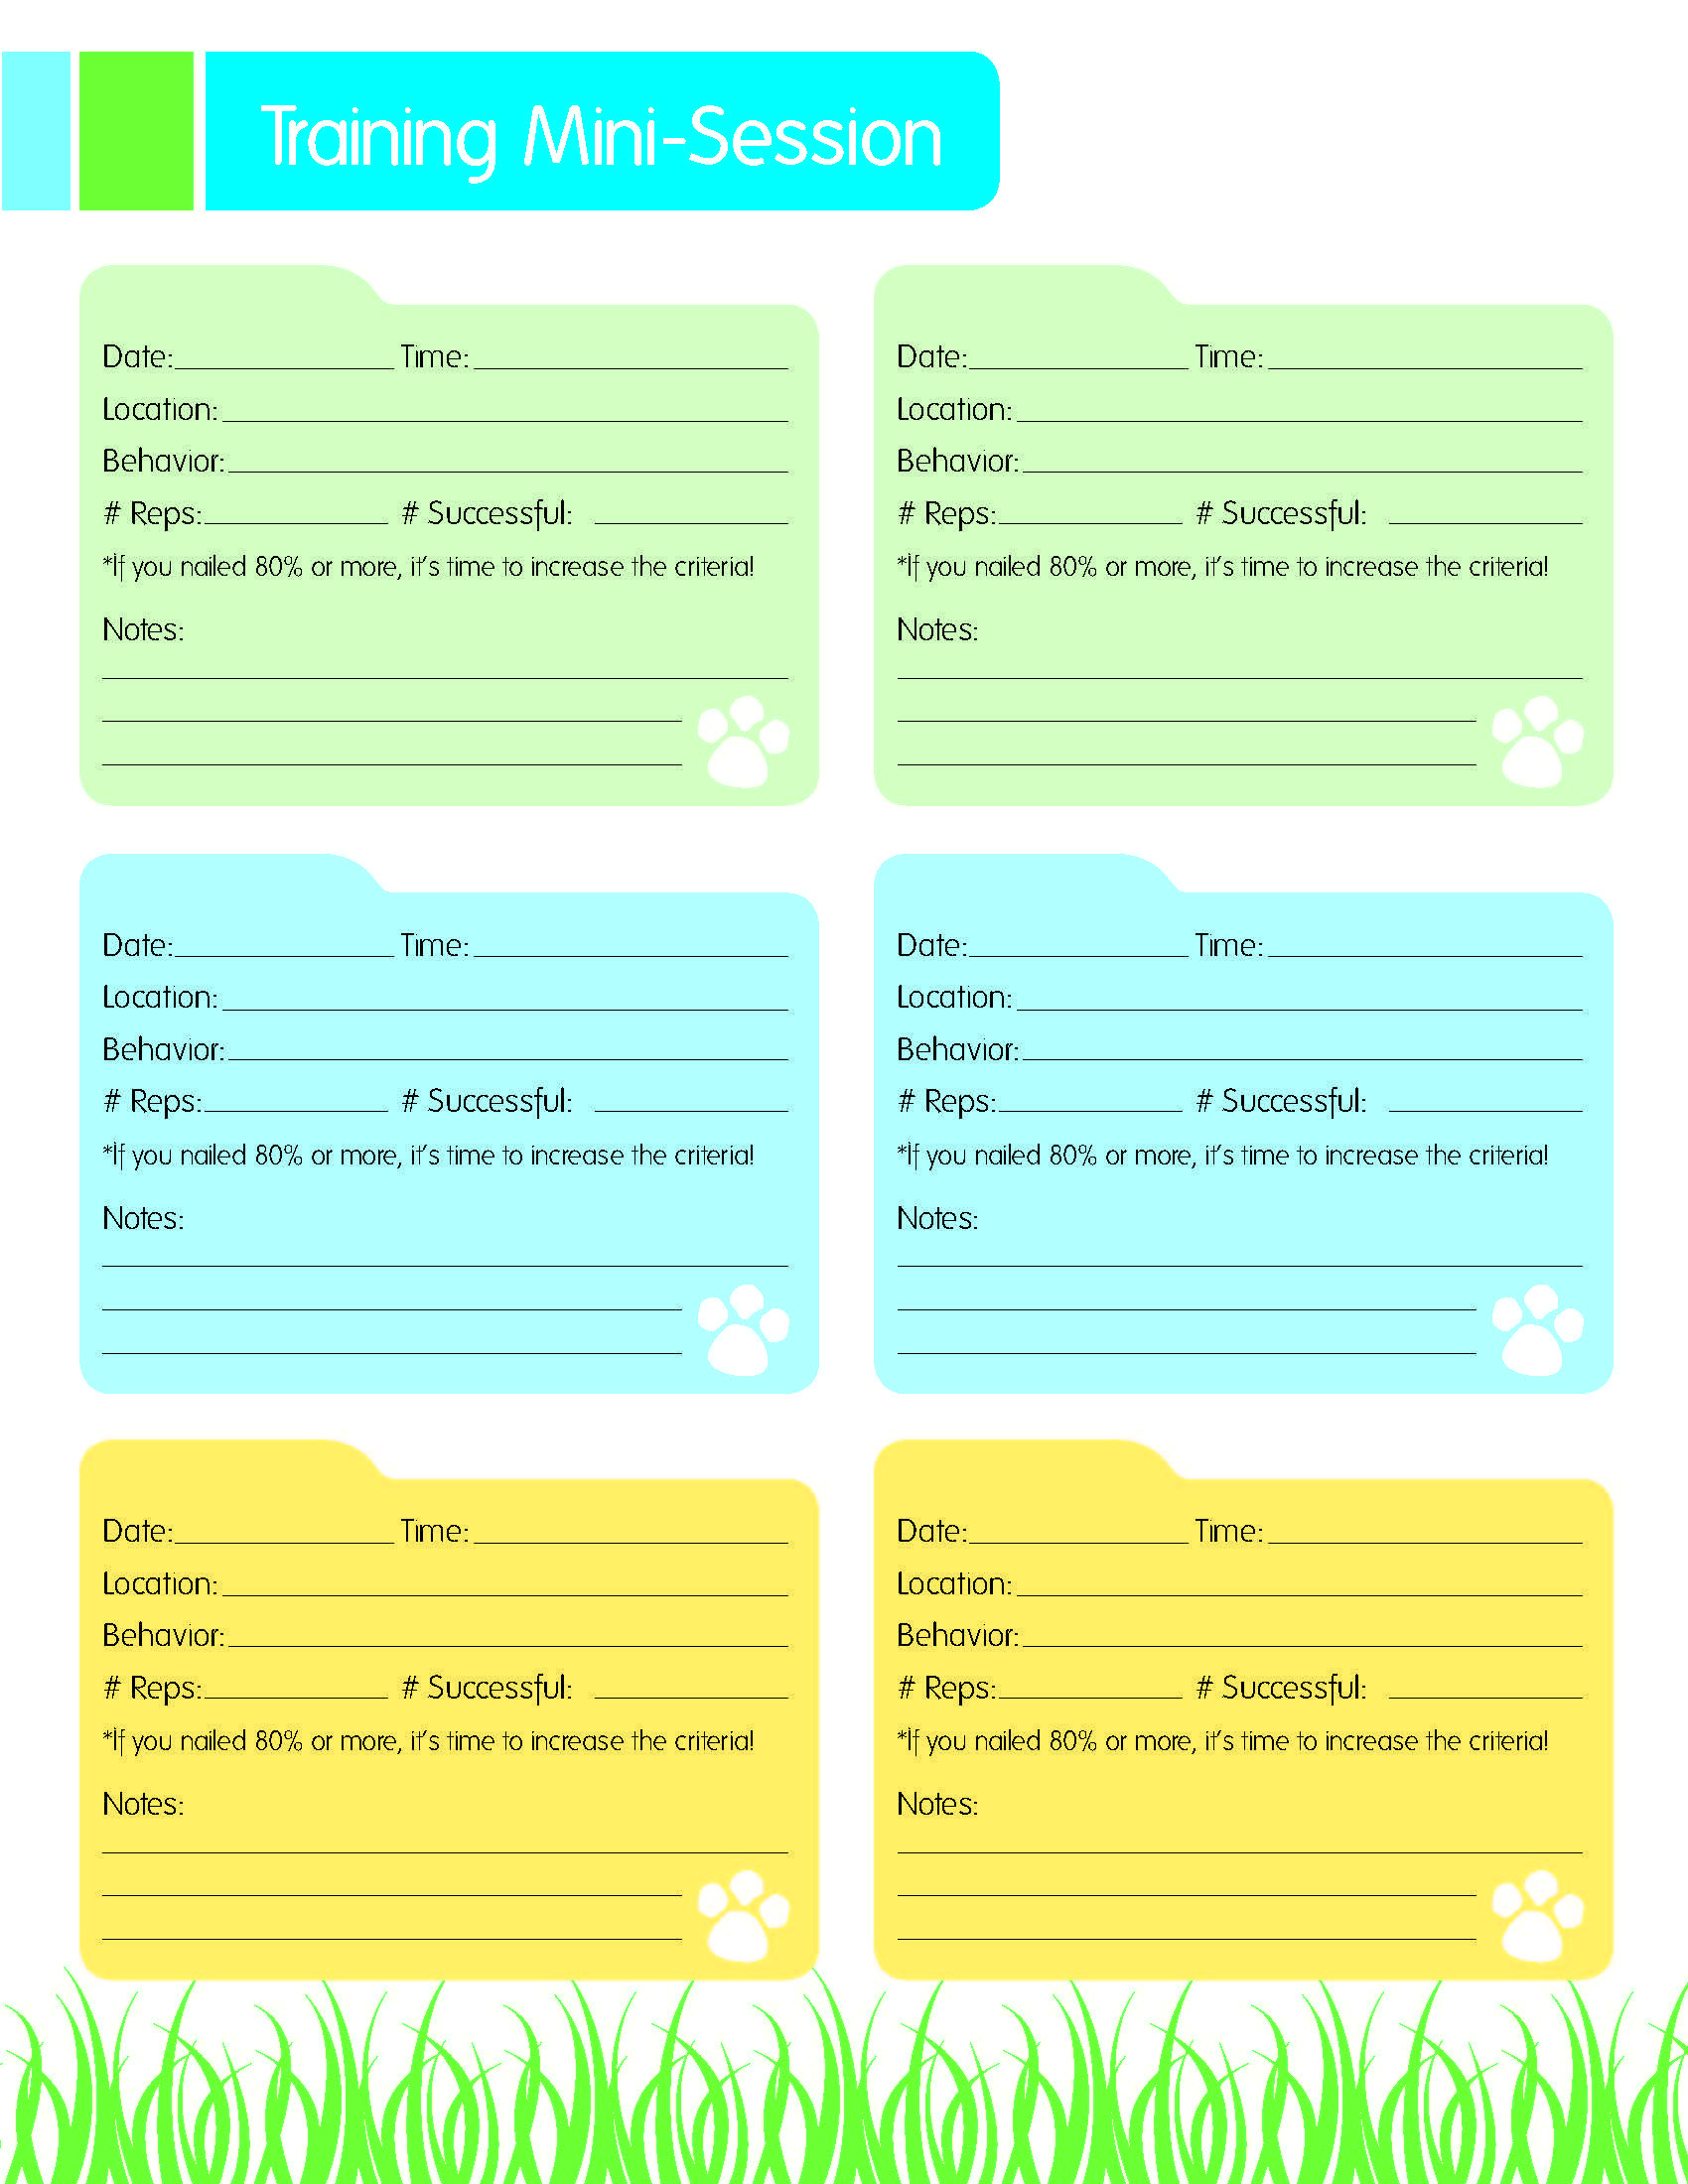 Free Printable Dog Training Worksheets Dog Training Resource Free Mini Session Training Printable